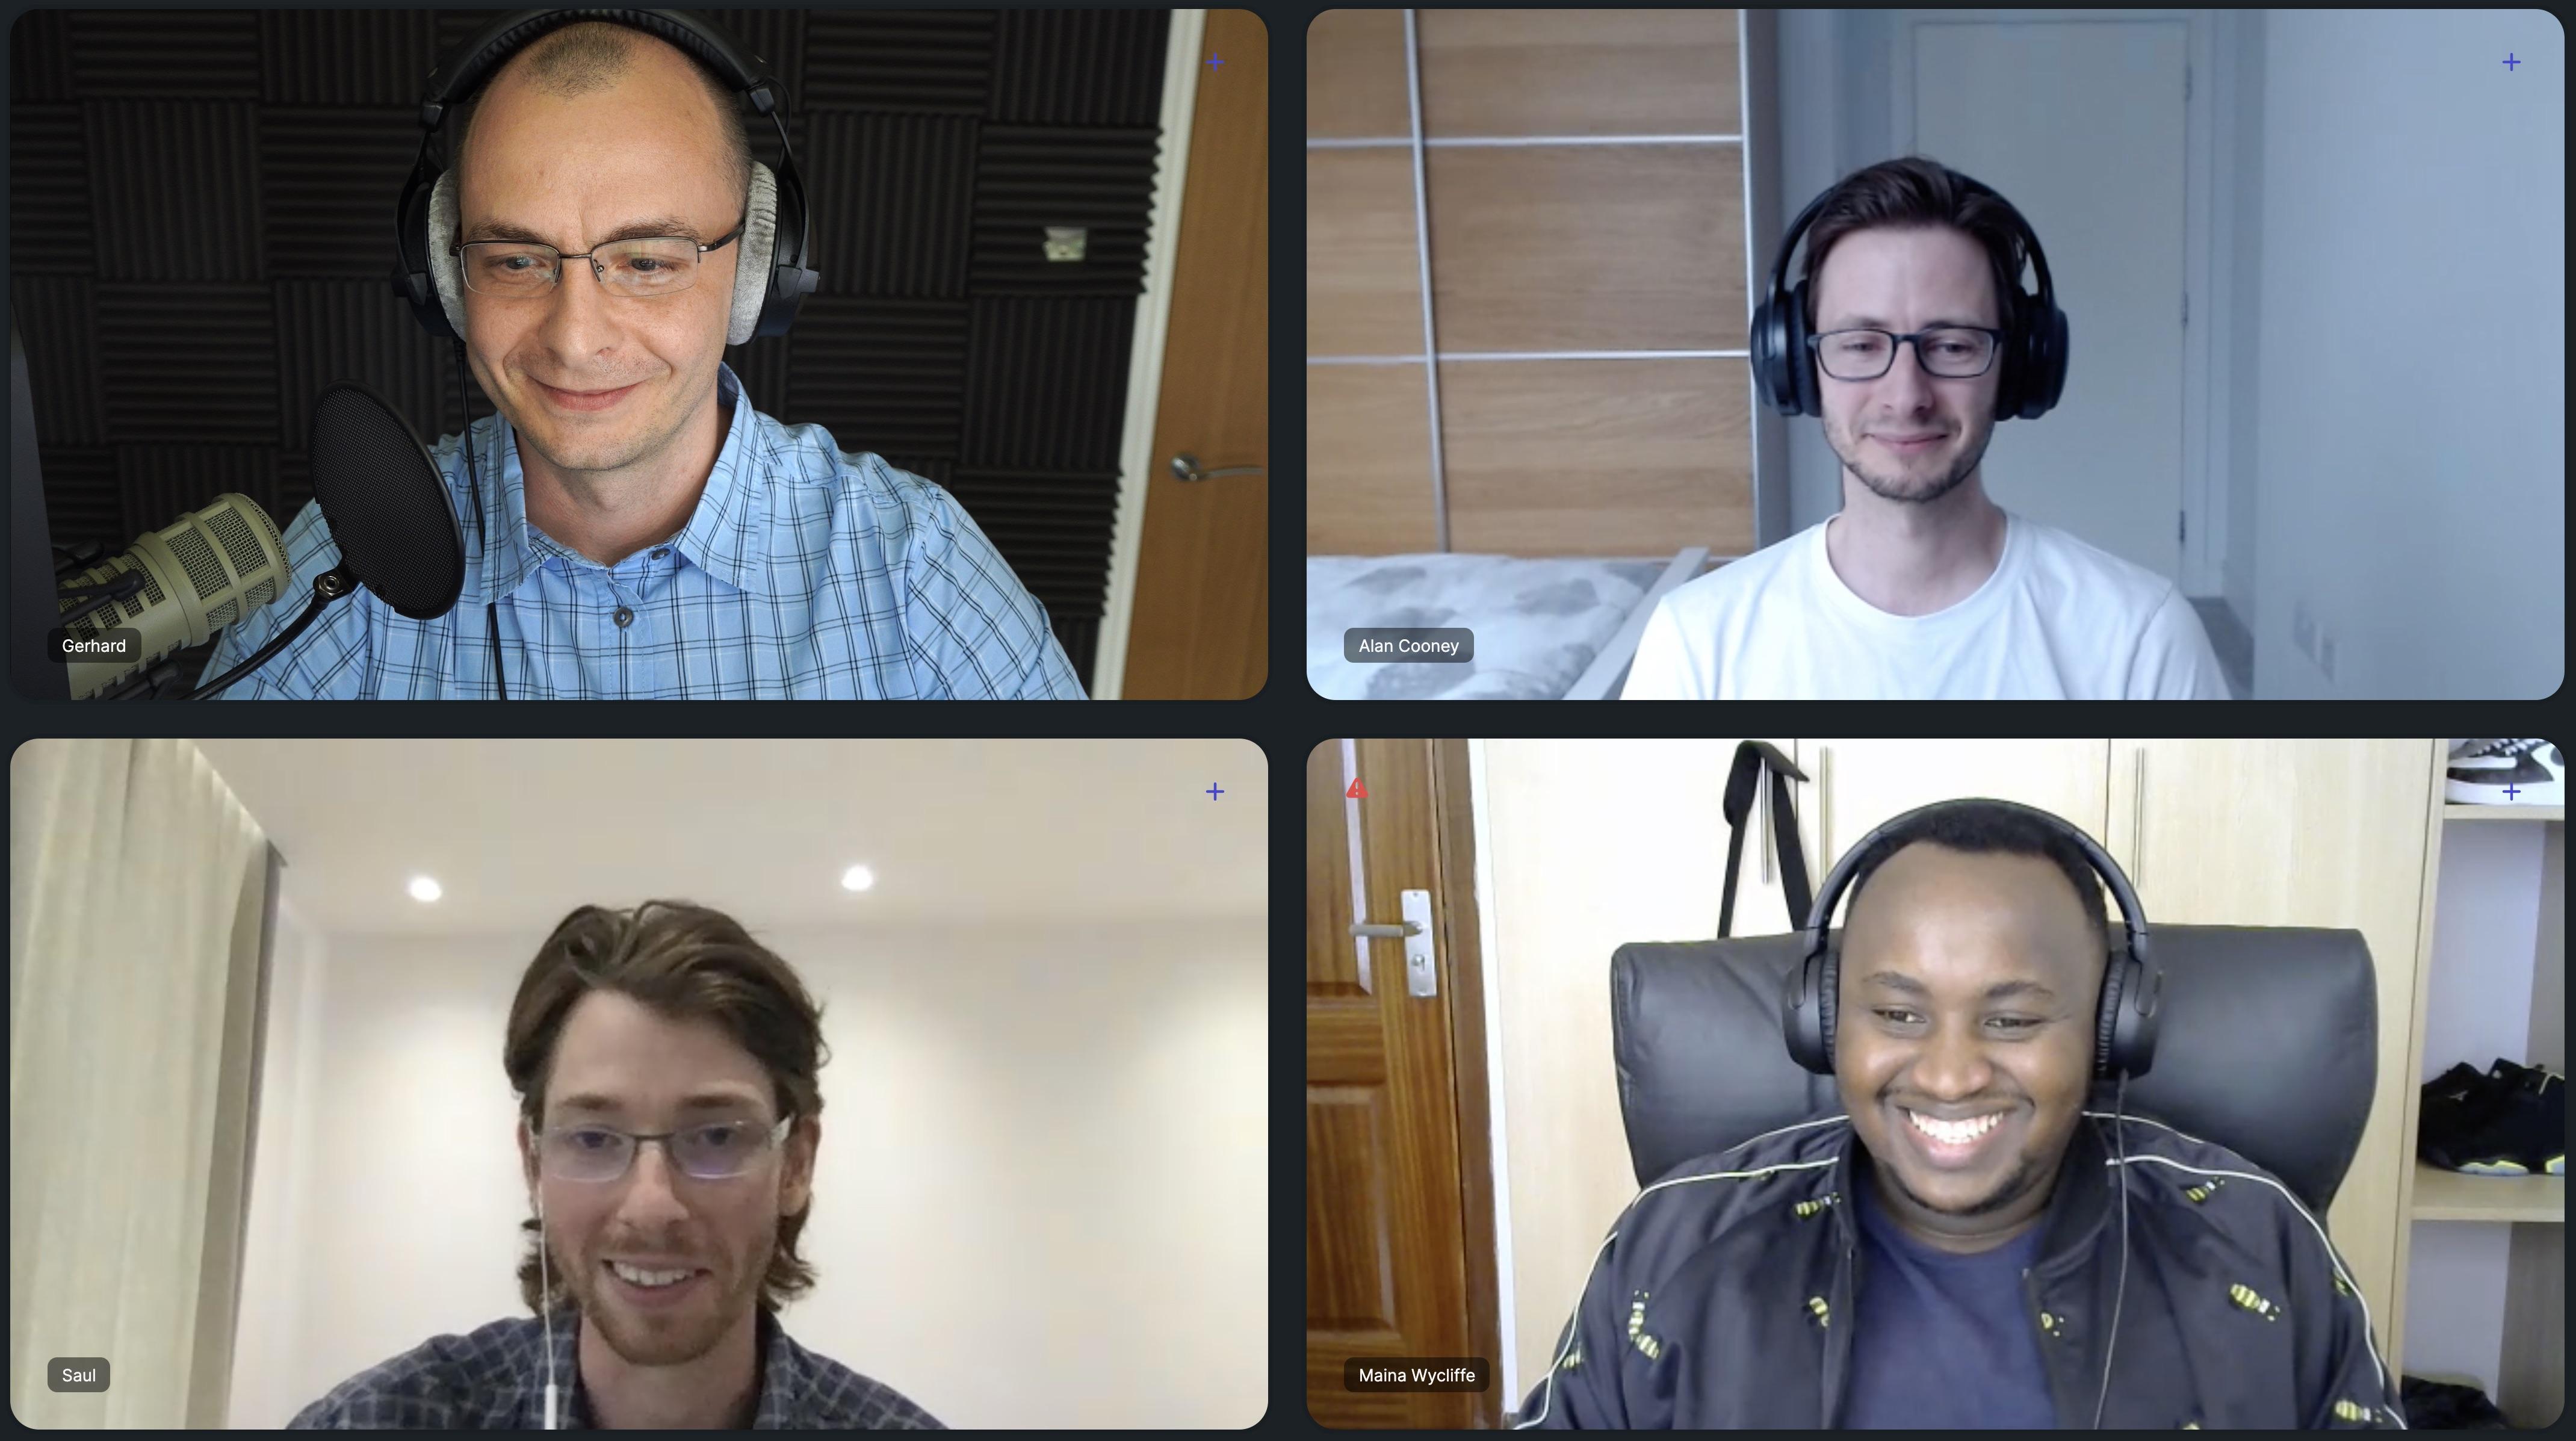 Gerhard, Alan, Saul & Wycliffe